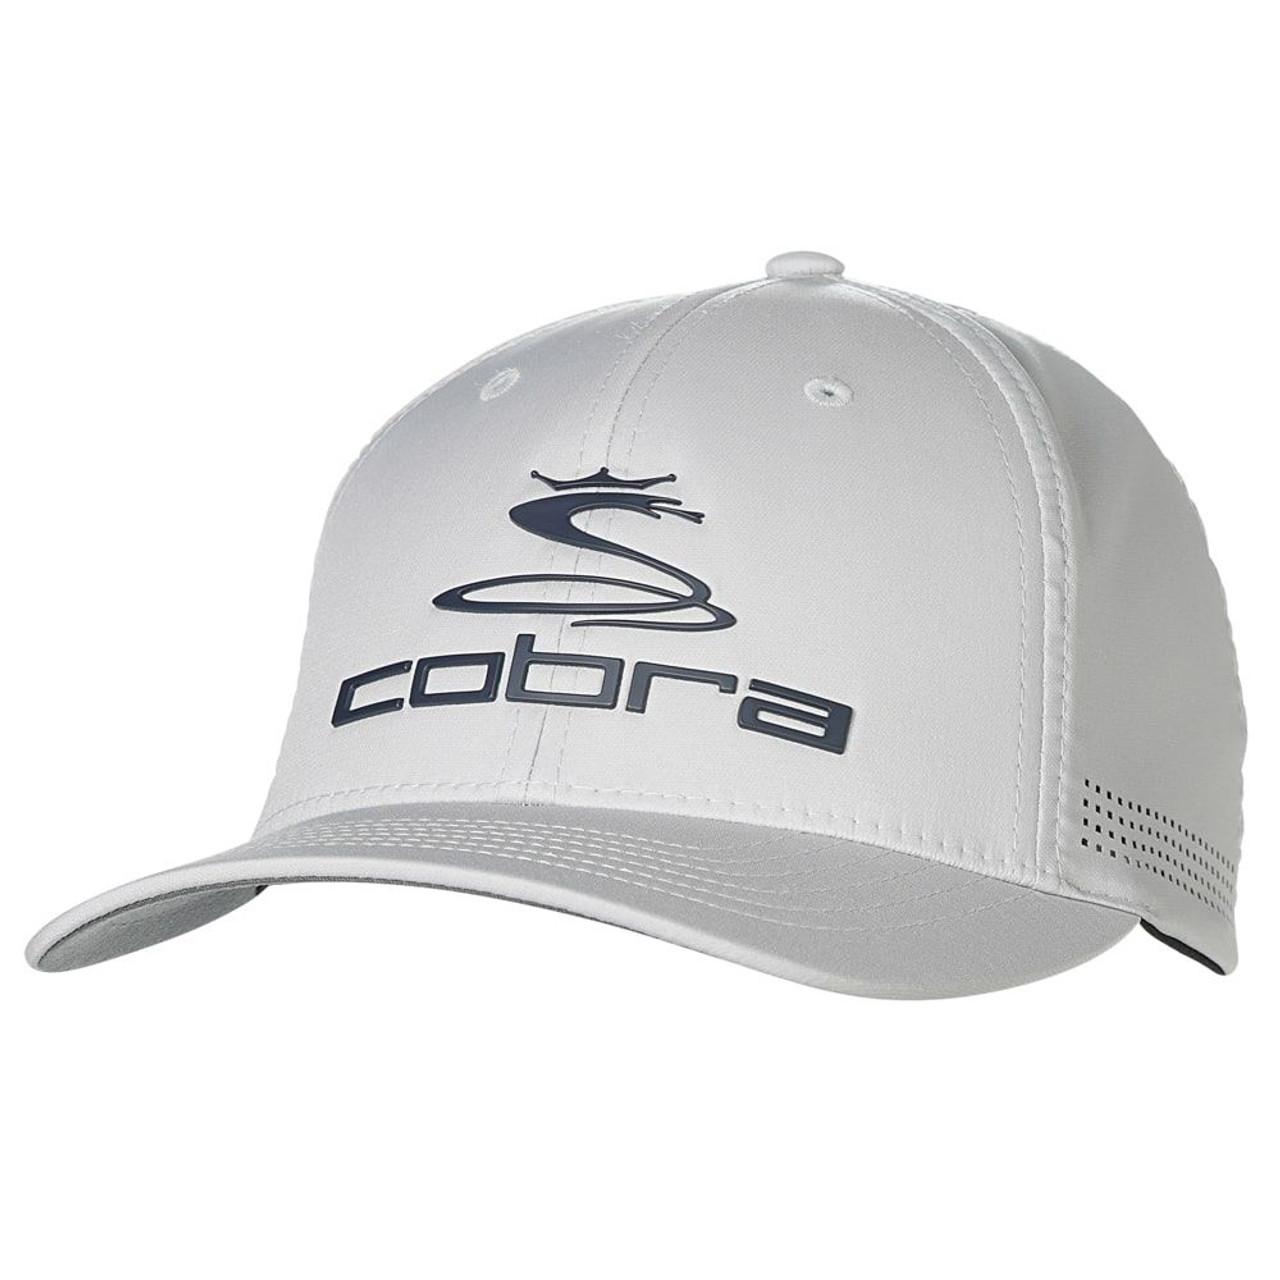 Cobra Pro Tour Stretch Fitted Cap - High Rise